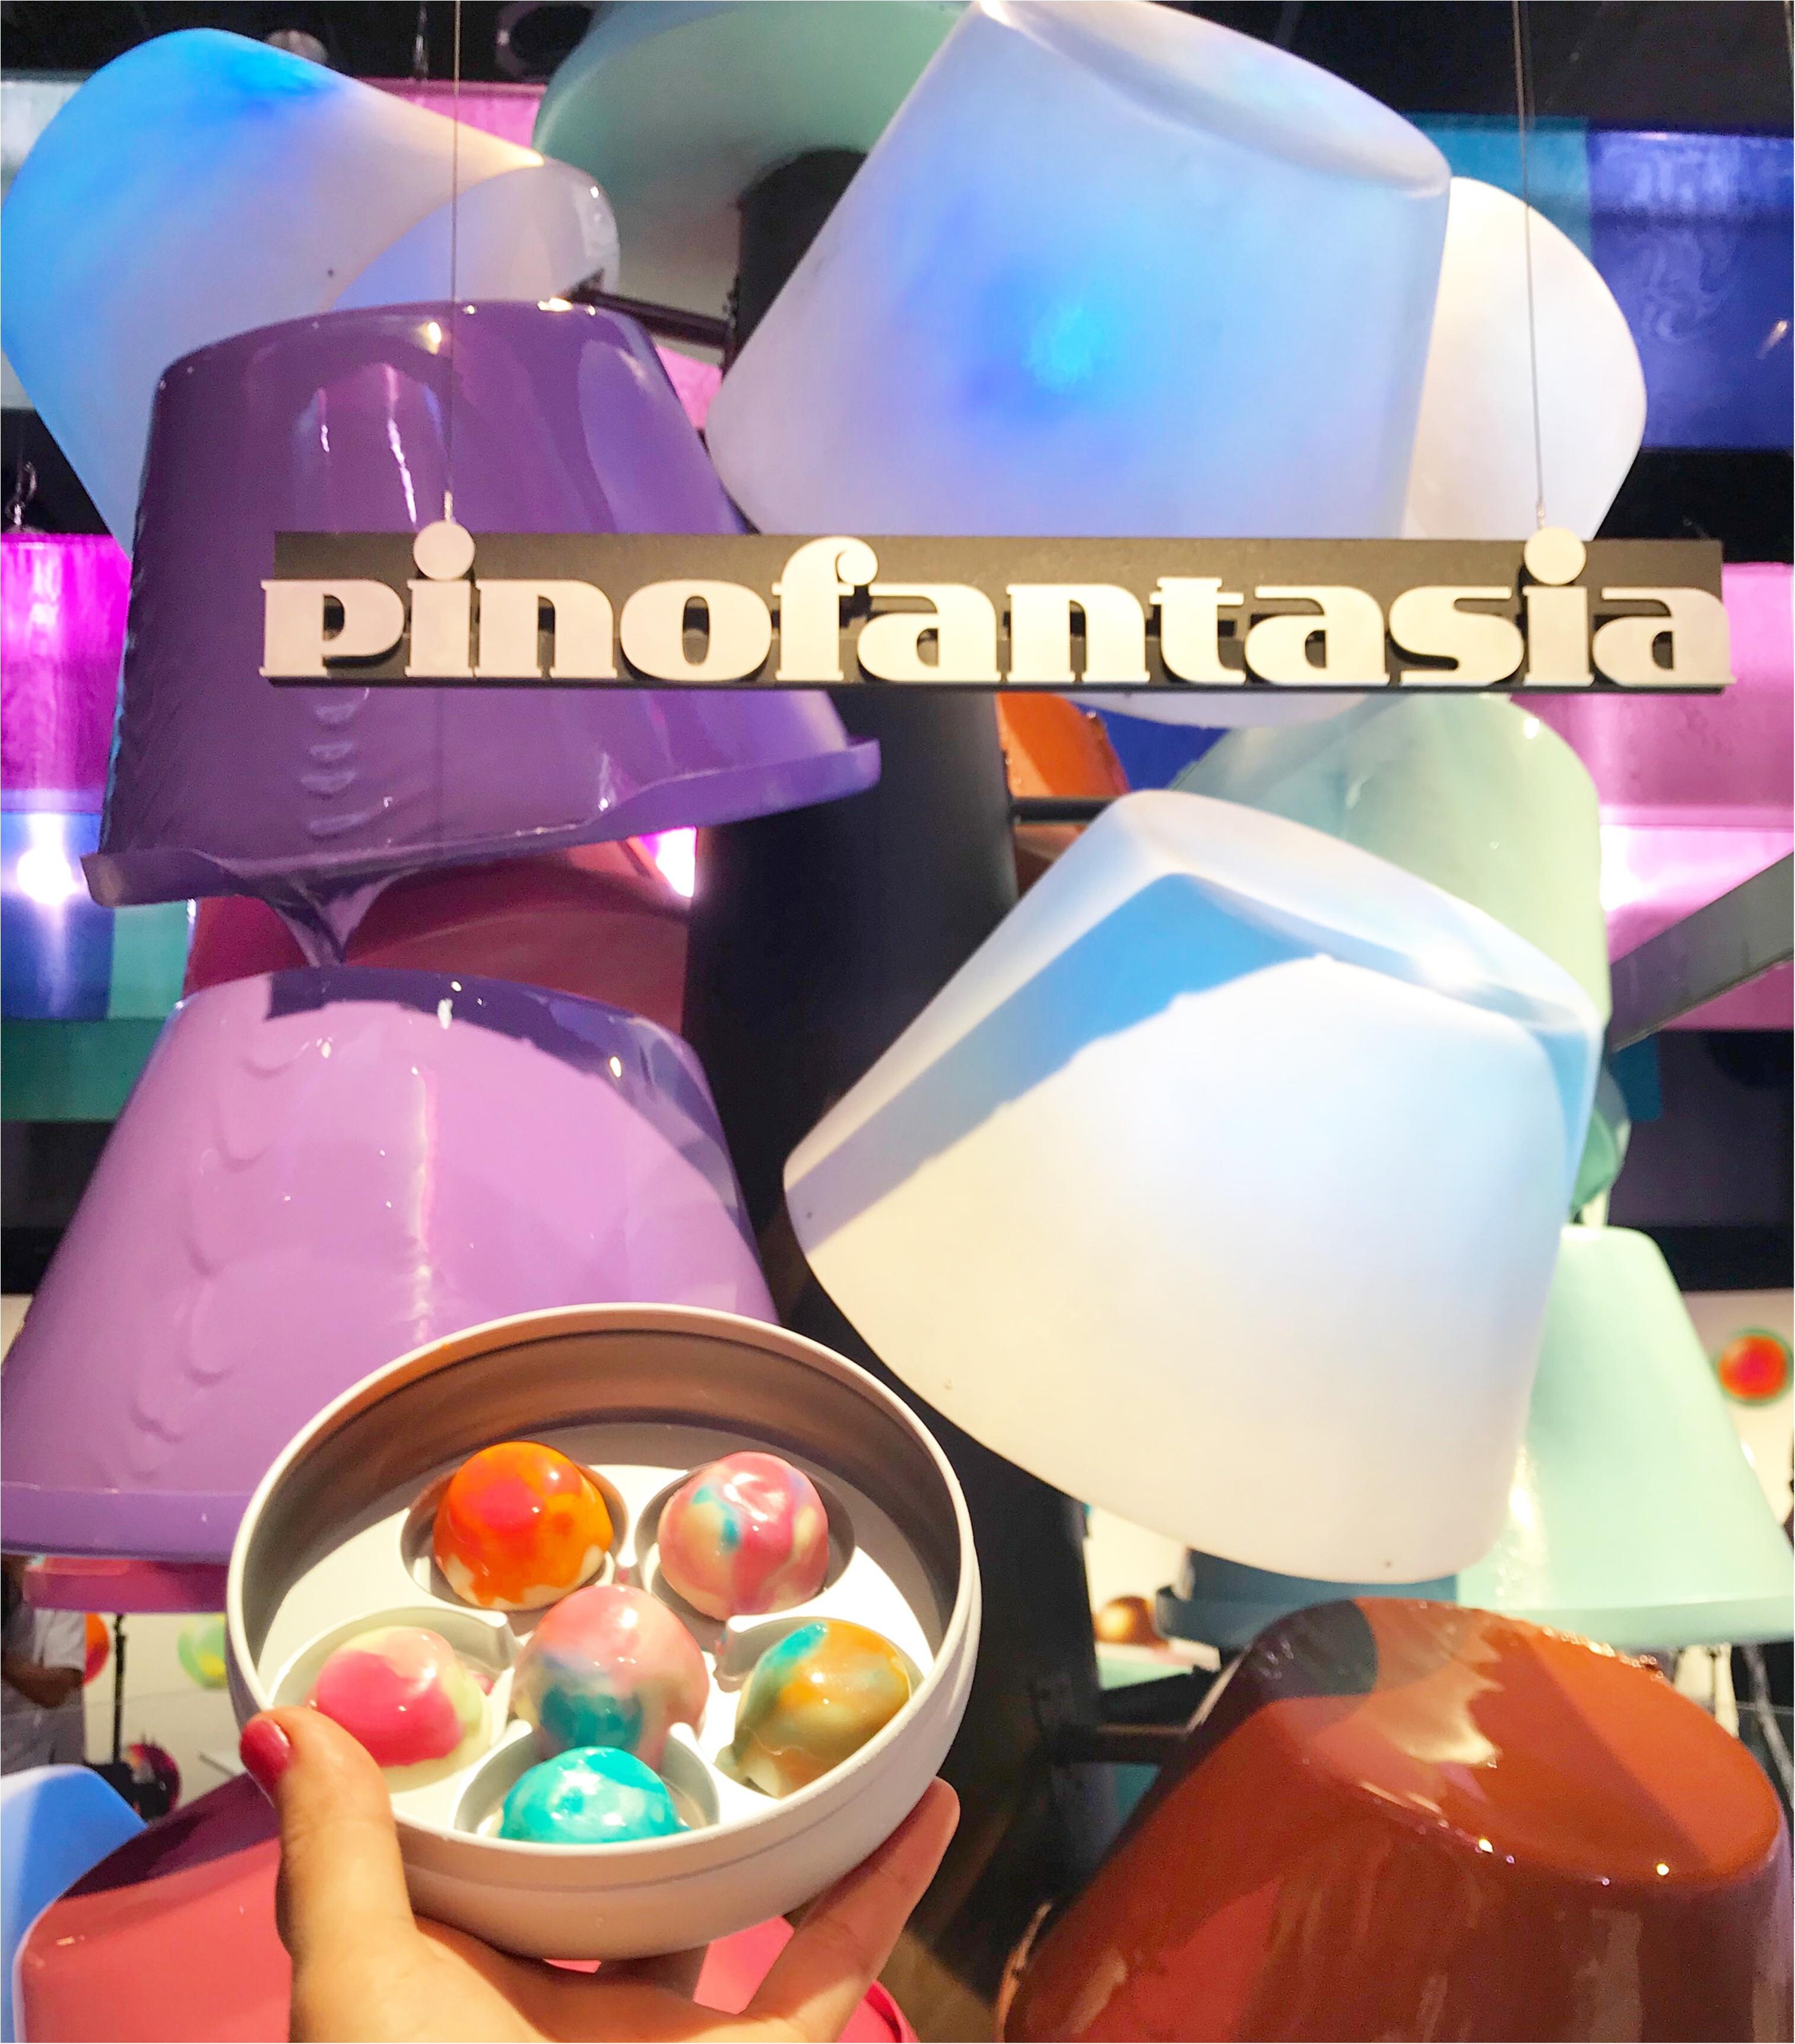 世界にひとつだけのオリジナルが作れる♪ 『ピノファンタジア』体験レポ! _10